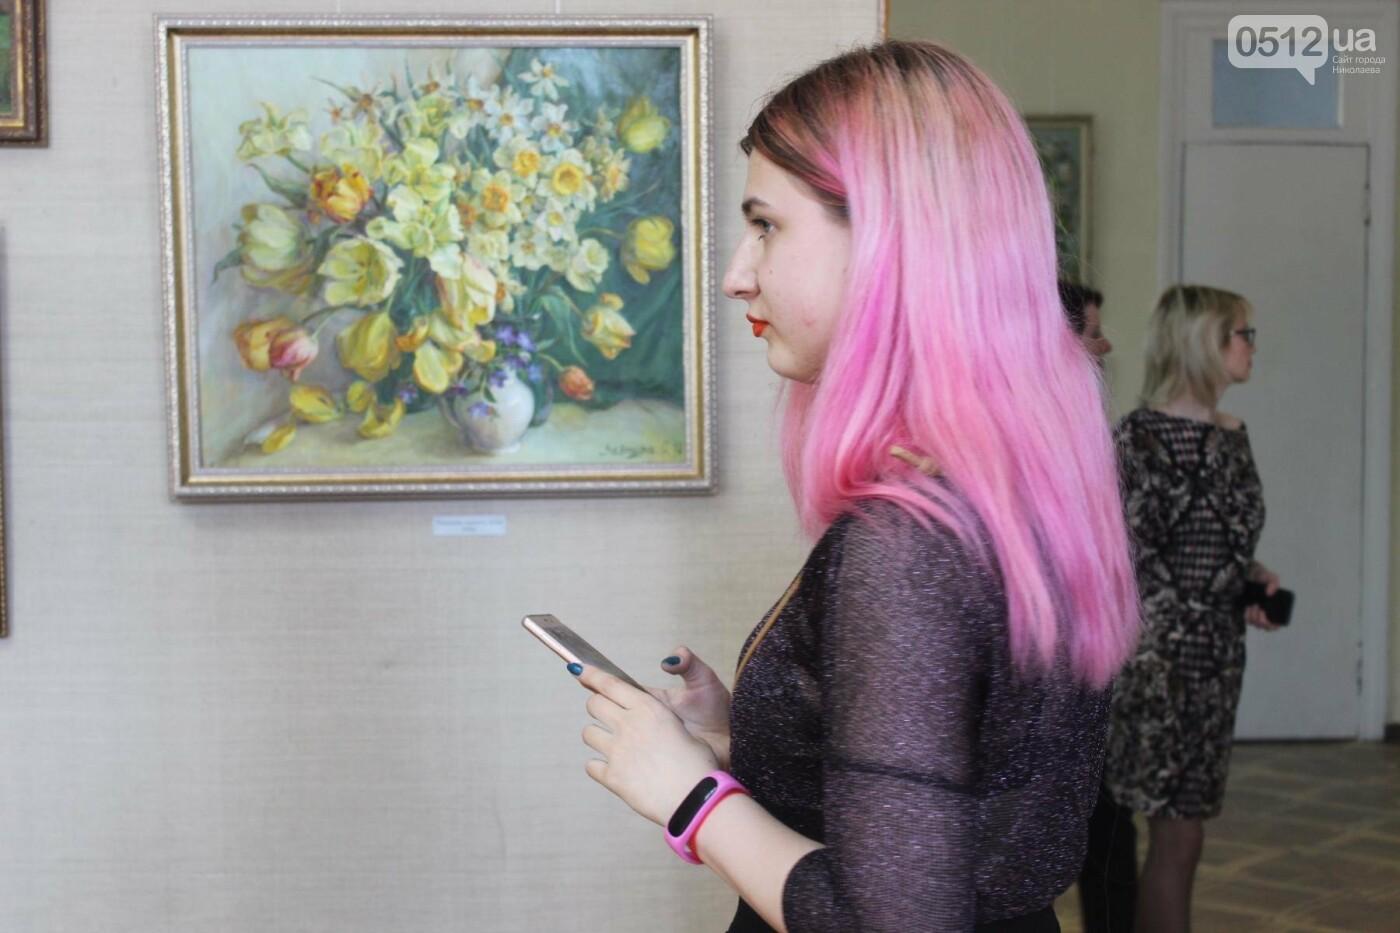 Николаевская художница Светлана Завтура презентовала свою юбилейную выставку, - ФОТО, фото-10